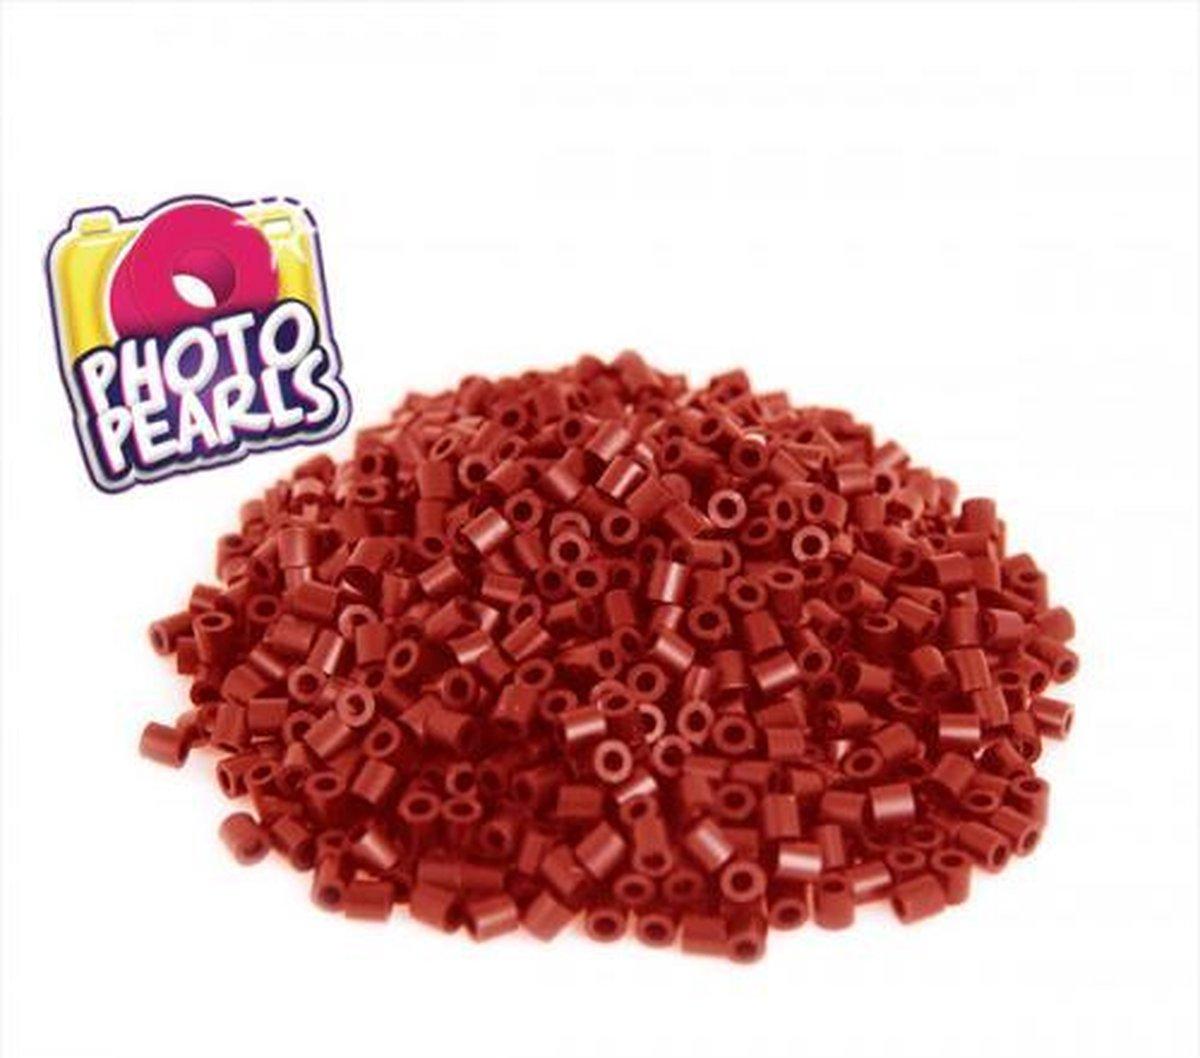 Bordeaux rood(no.4) - Strijkkralen - Kraaltjes - Photo Pearls - Knutselen - Kinderkraaltjes - Strijken - Kralen - Goliath - 1100 stuks